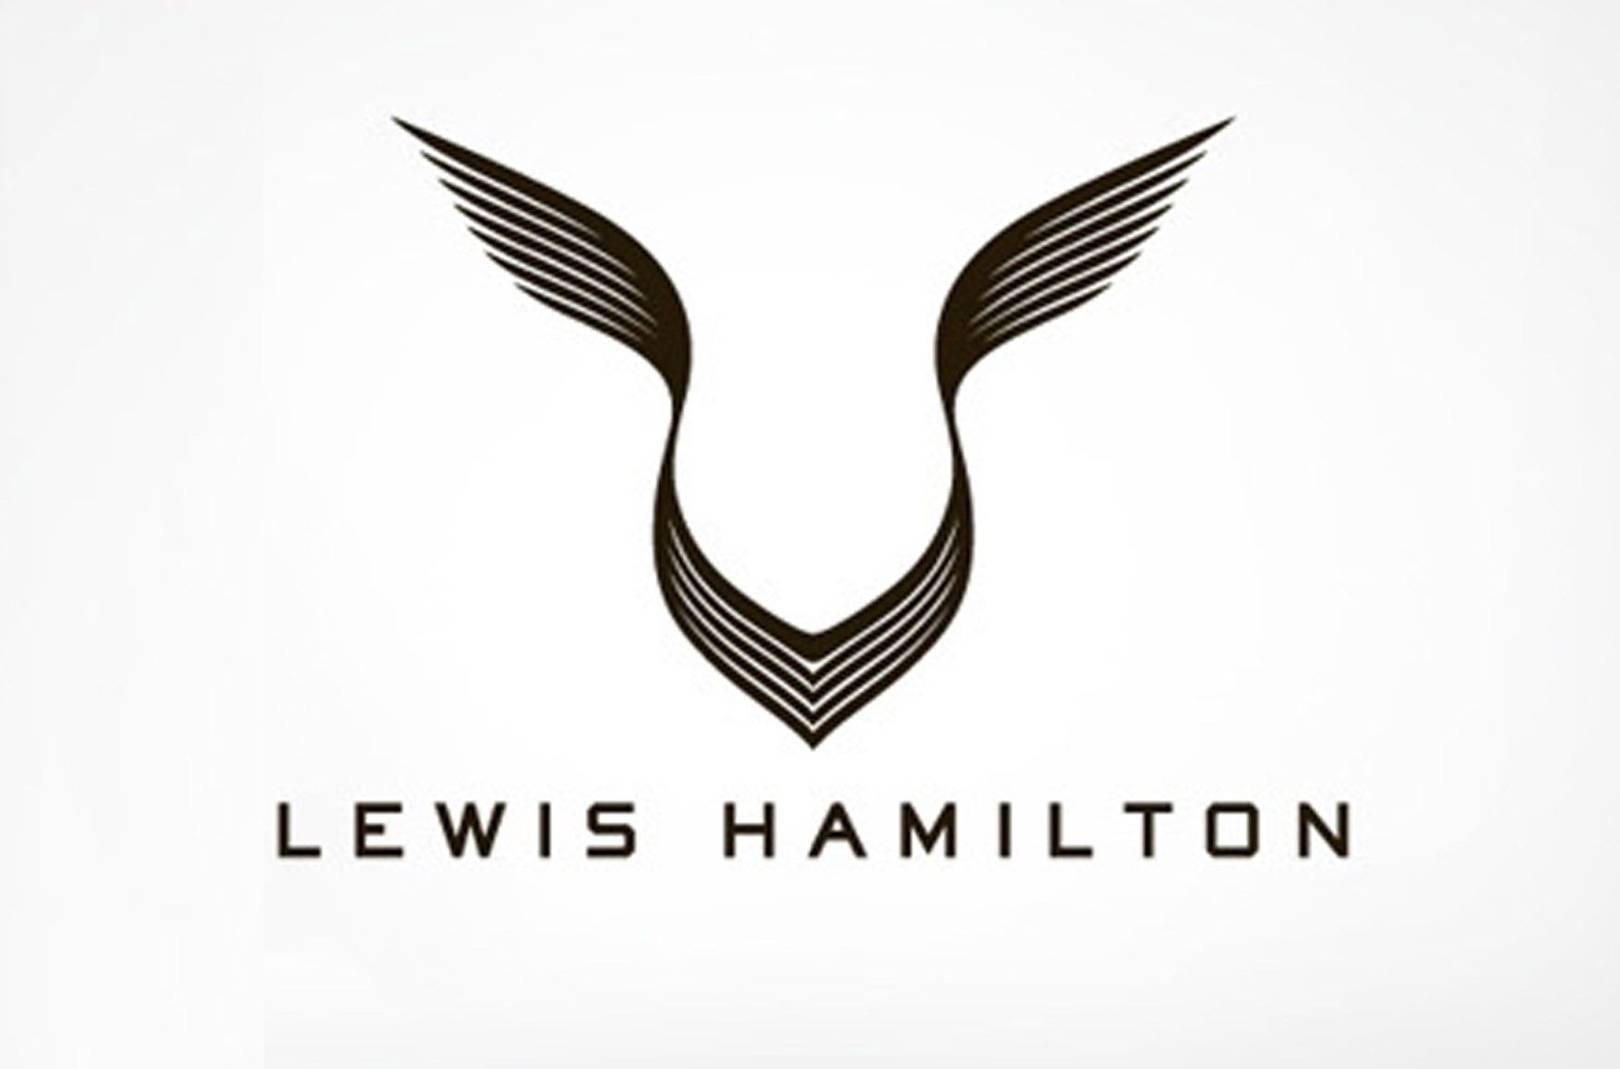 Lewis-Hamilton-GQ-23Sep15_b.jpg